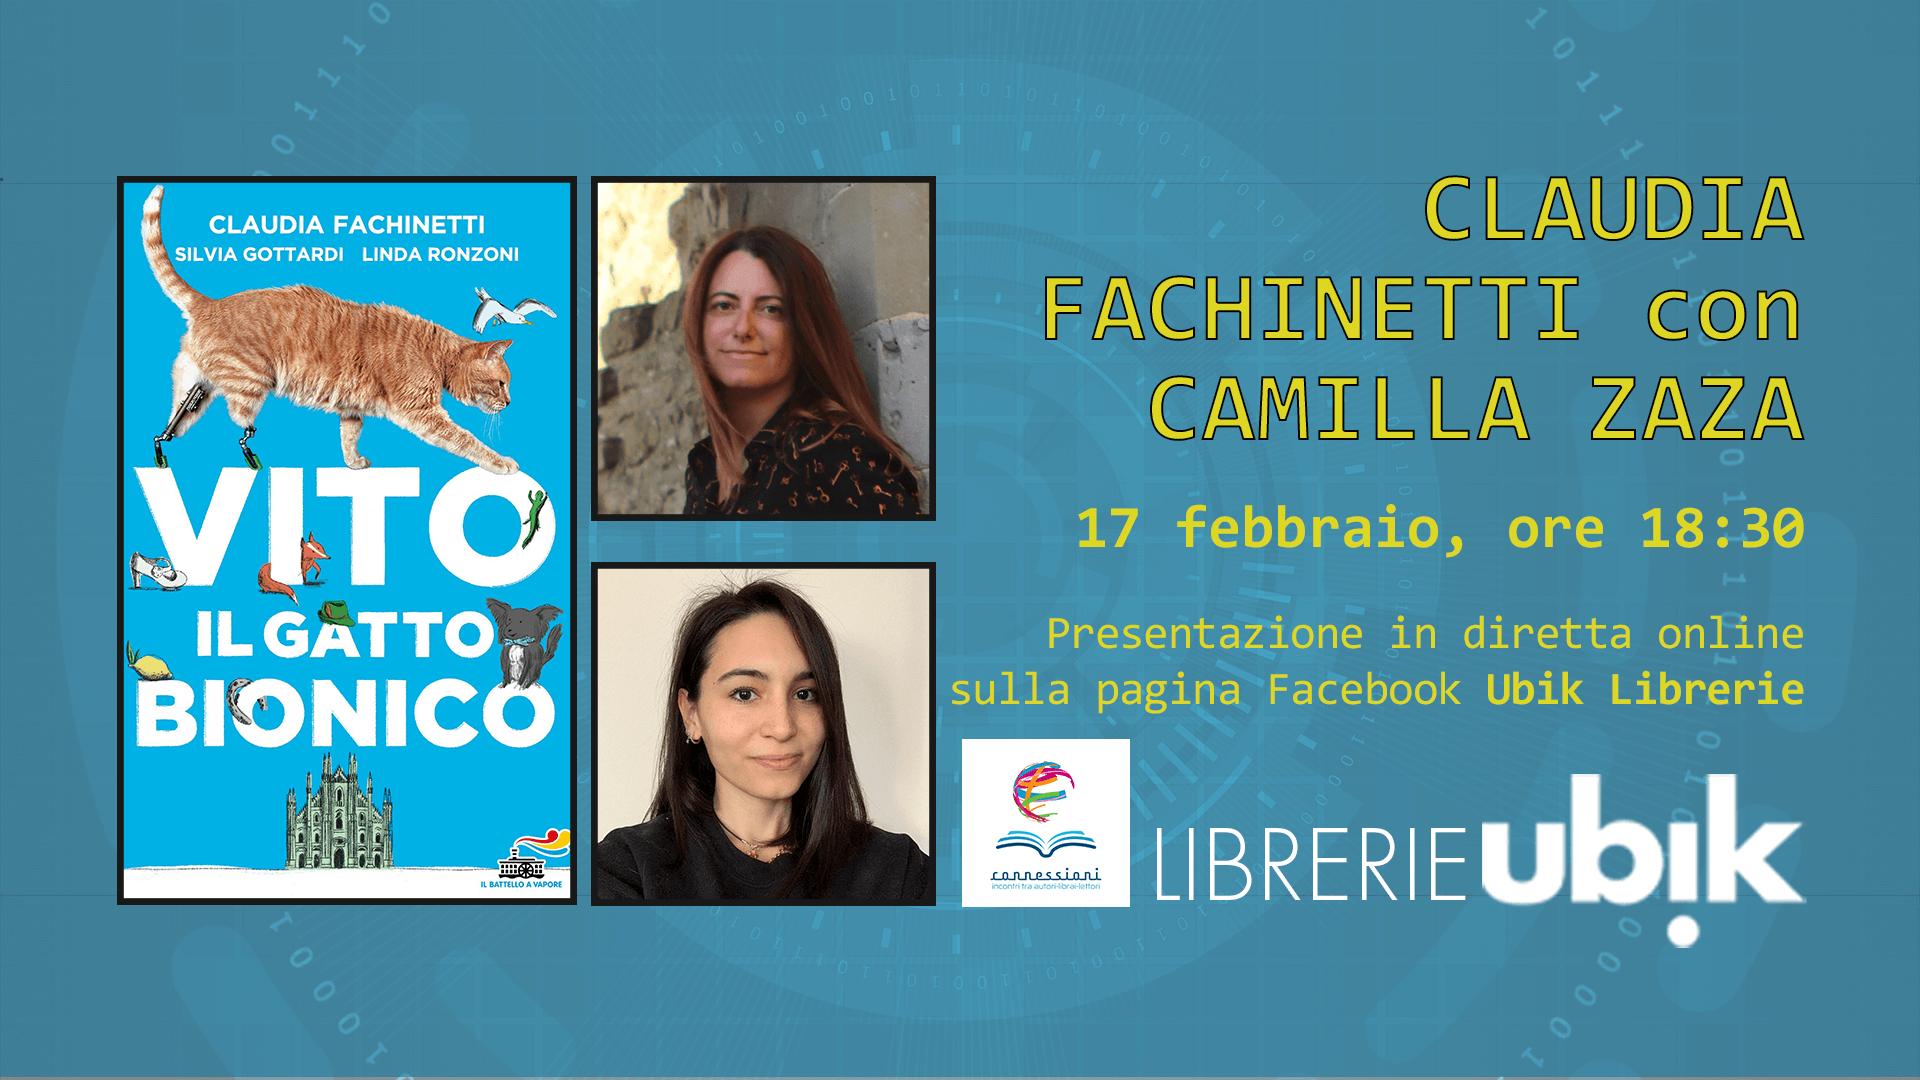 CLAUDIA FACHINETTI presenta in diretta online